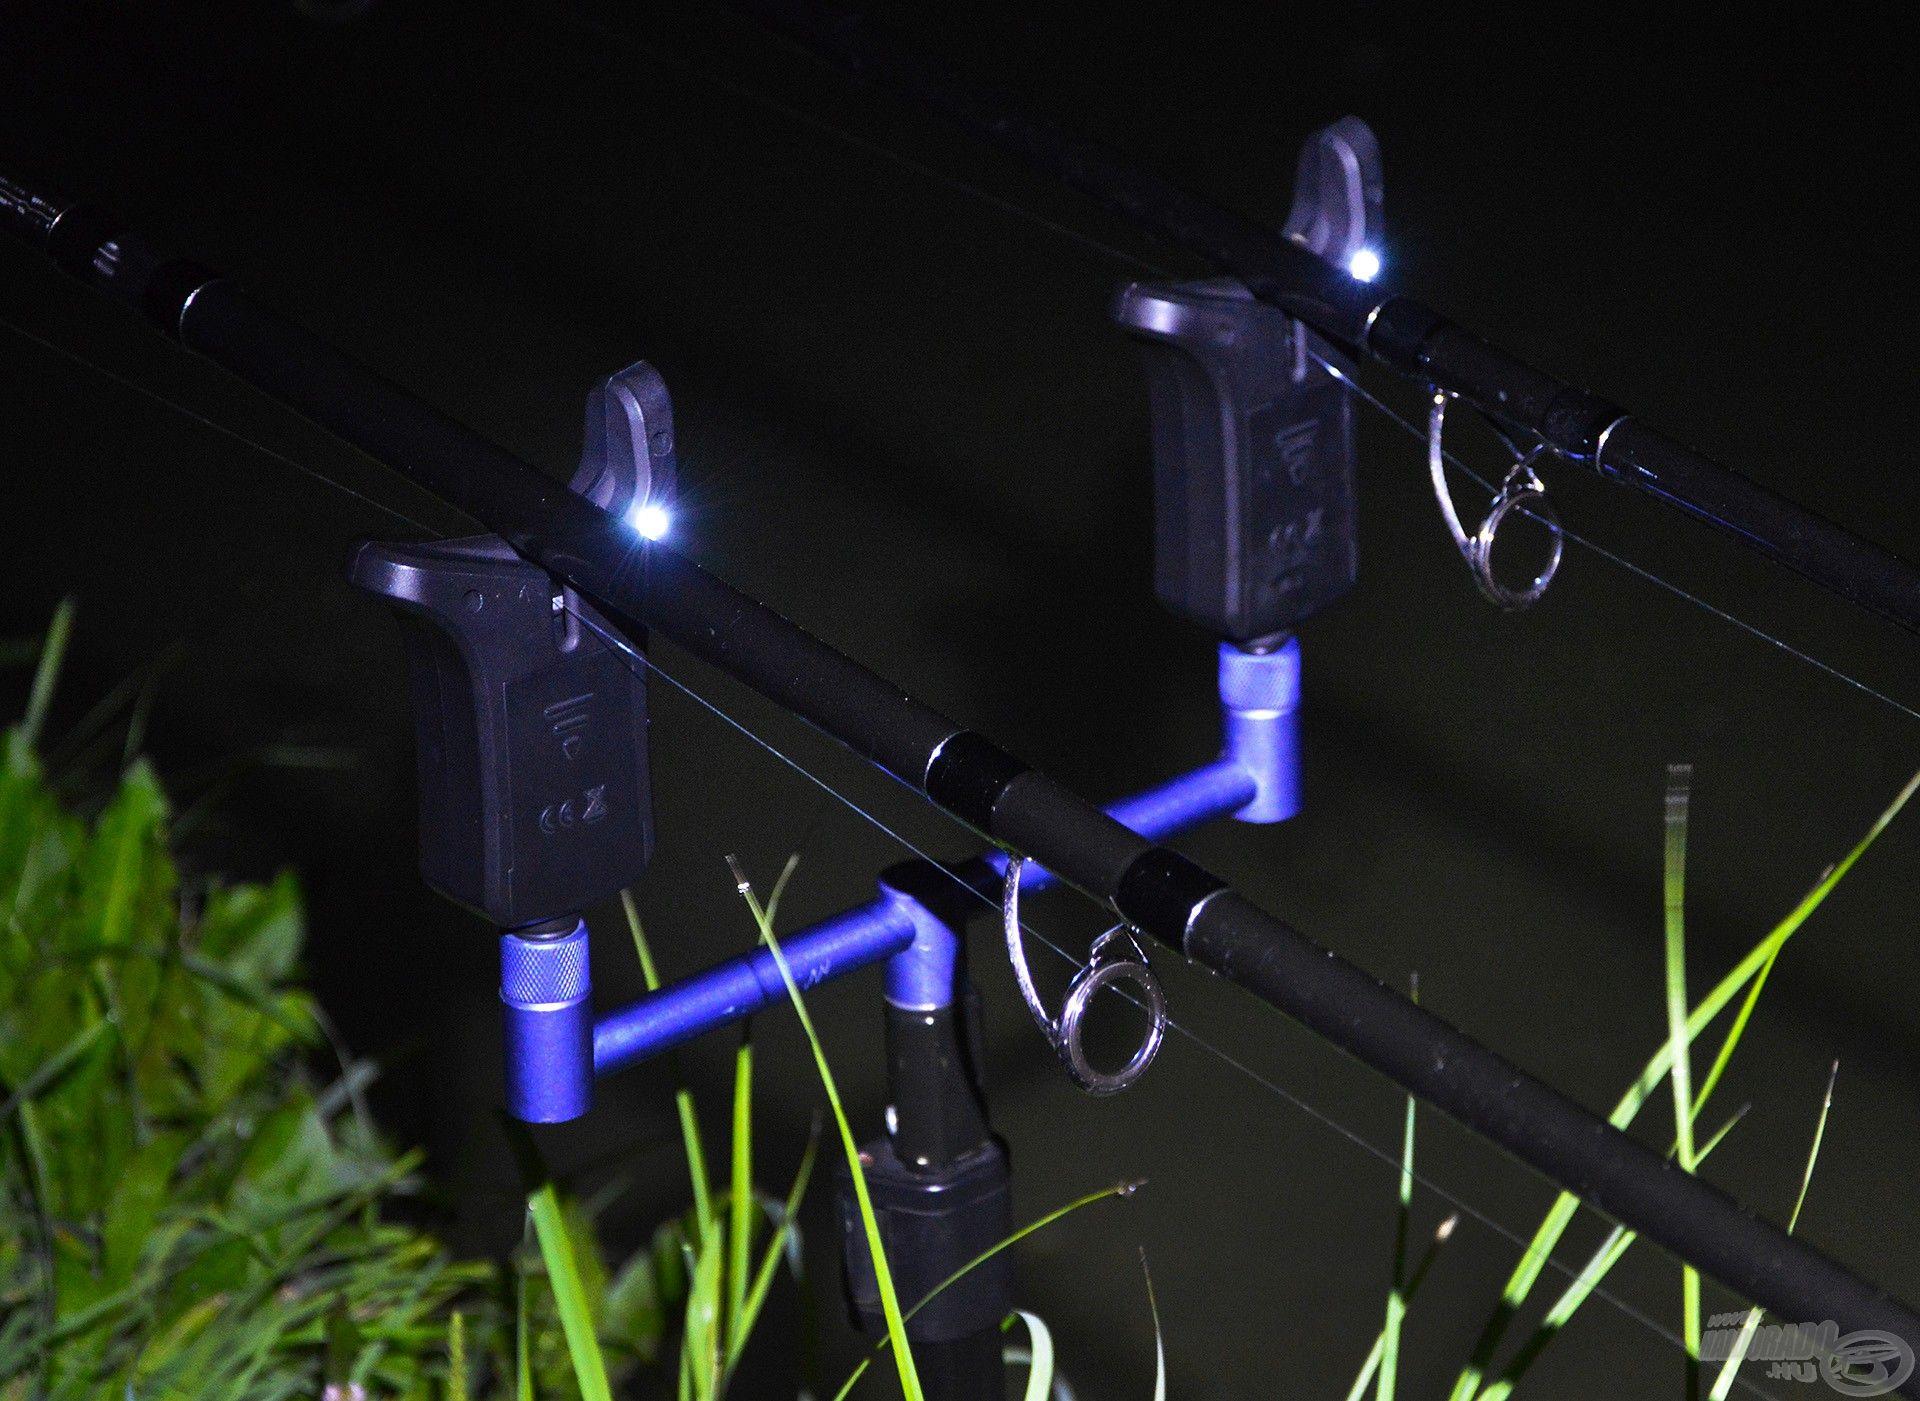 """A jelző hátoldalán, a szárán lévő kis fehér színű LED-et szintén a """"T"""" gombbal lehet aktiválni, ezt 5 másodpercig kell nyomva tartani"""